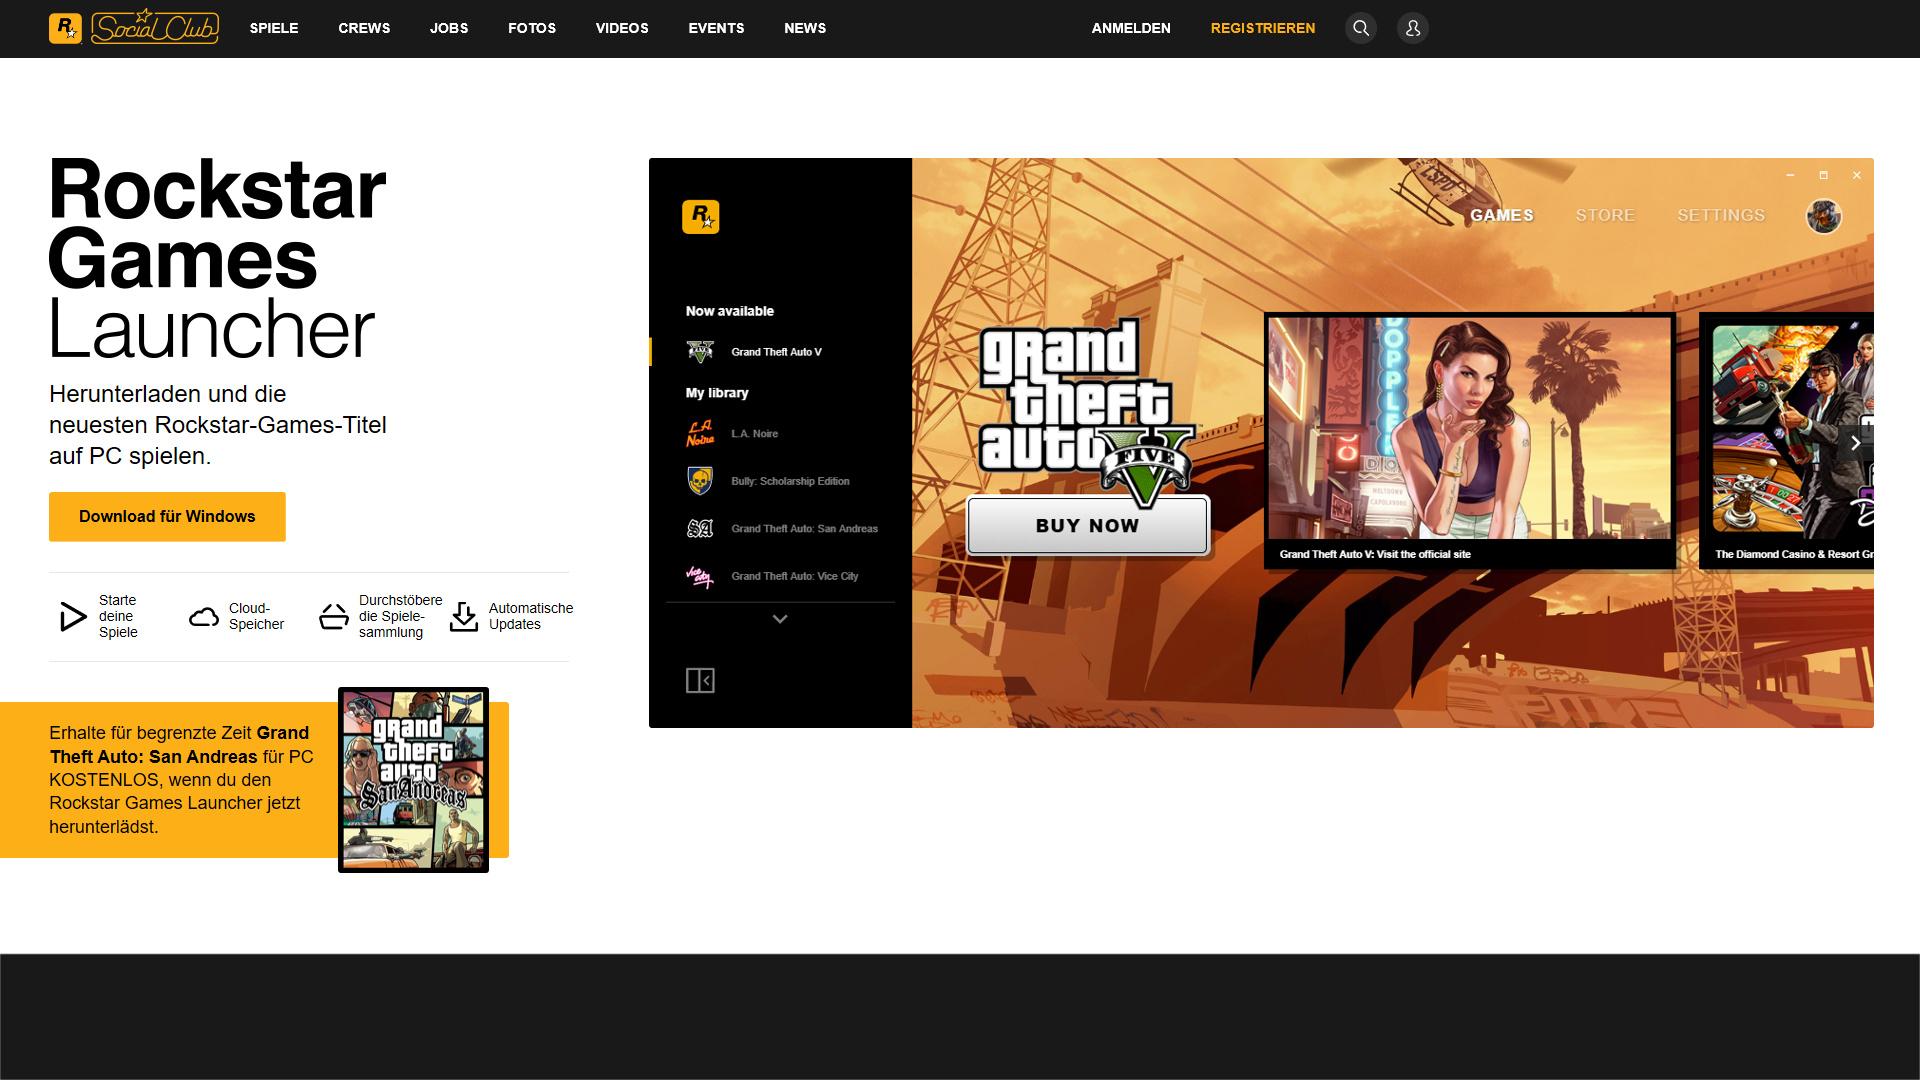 Der neue Rockstar Games Launcher